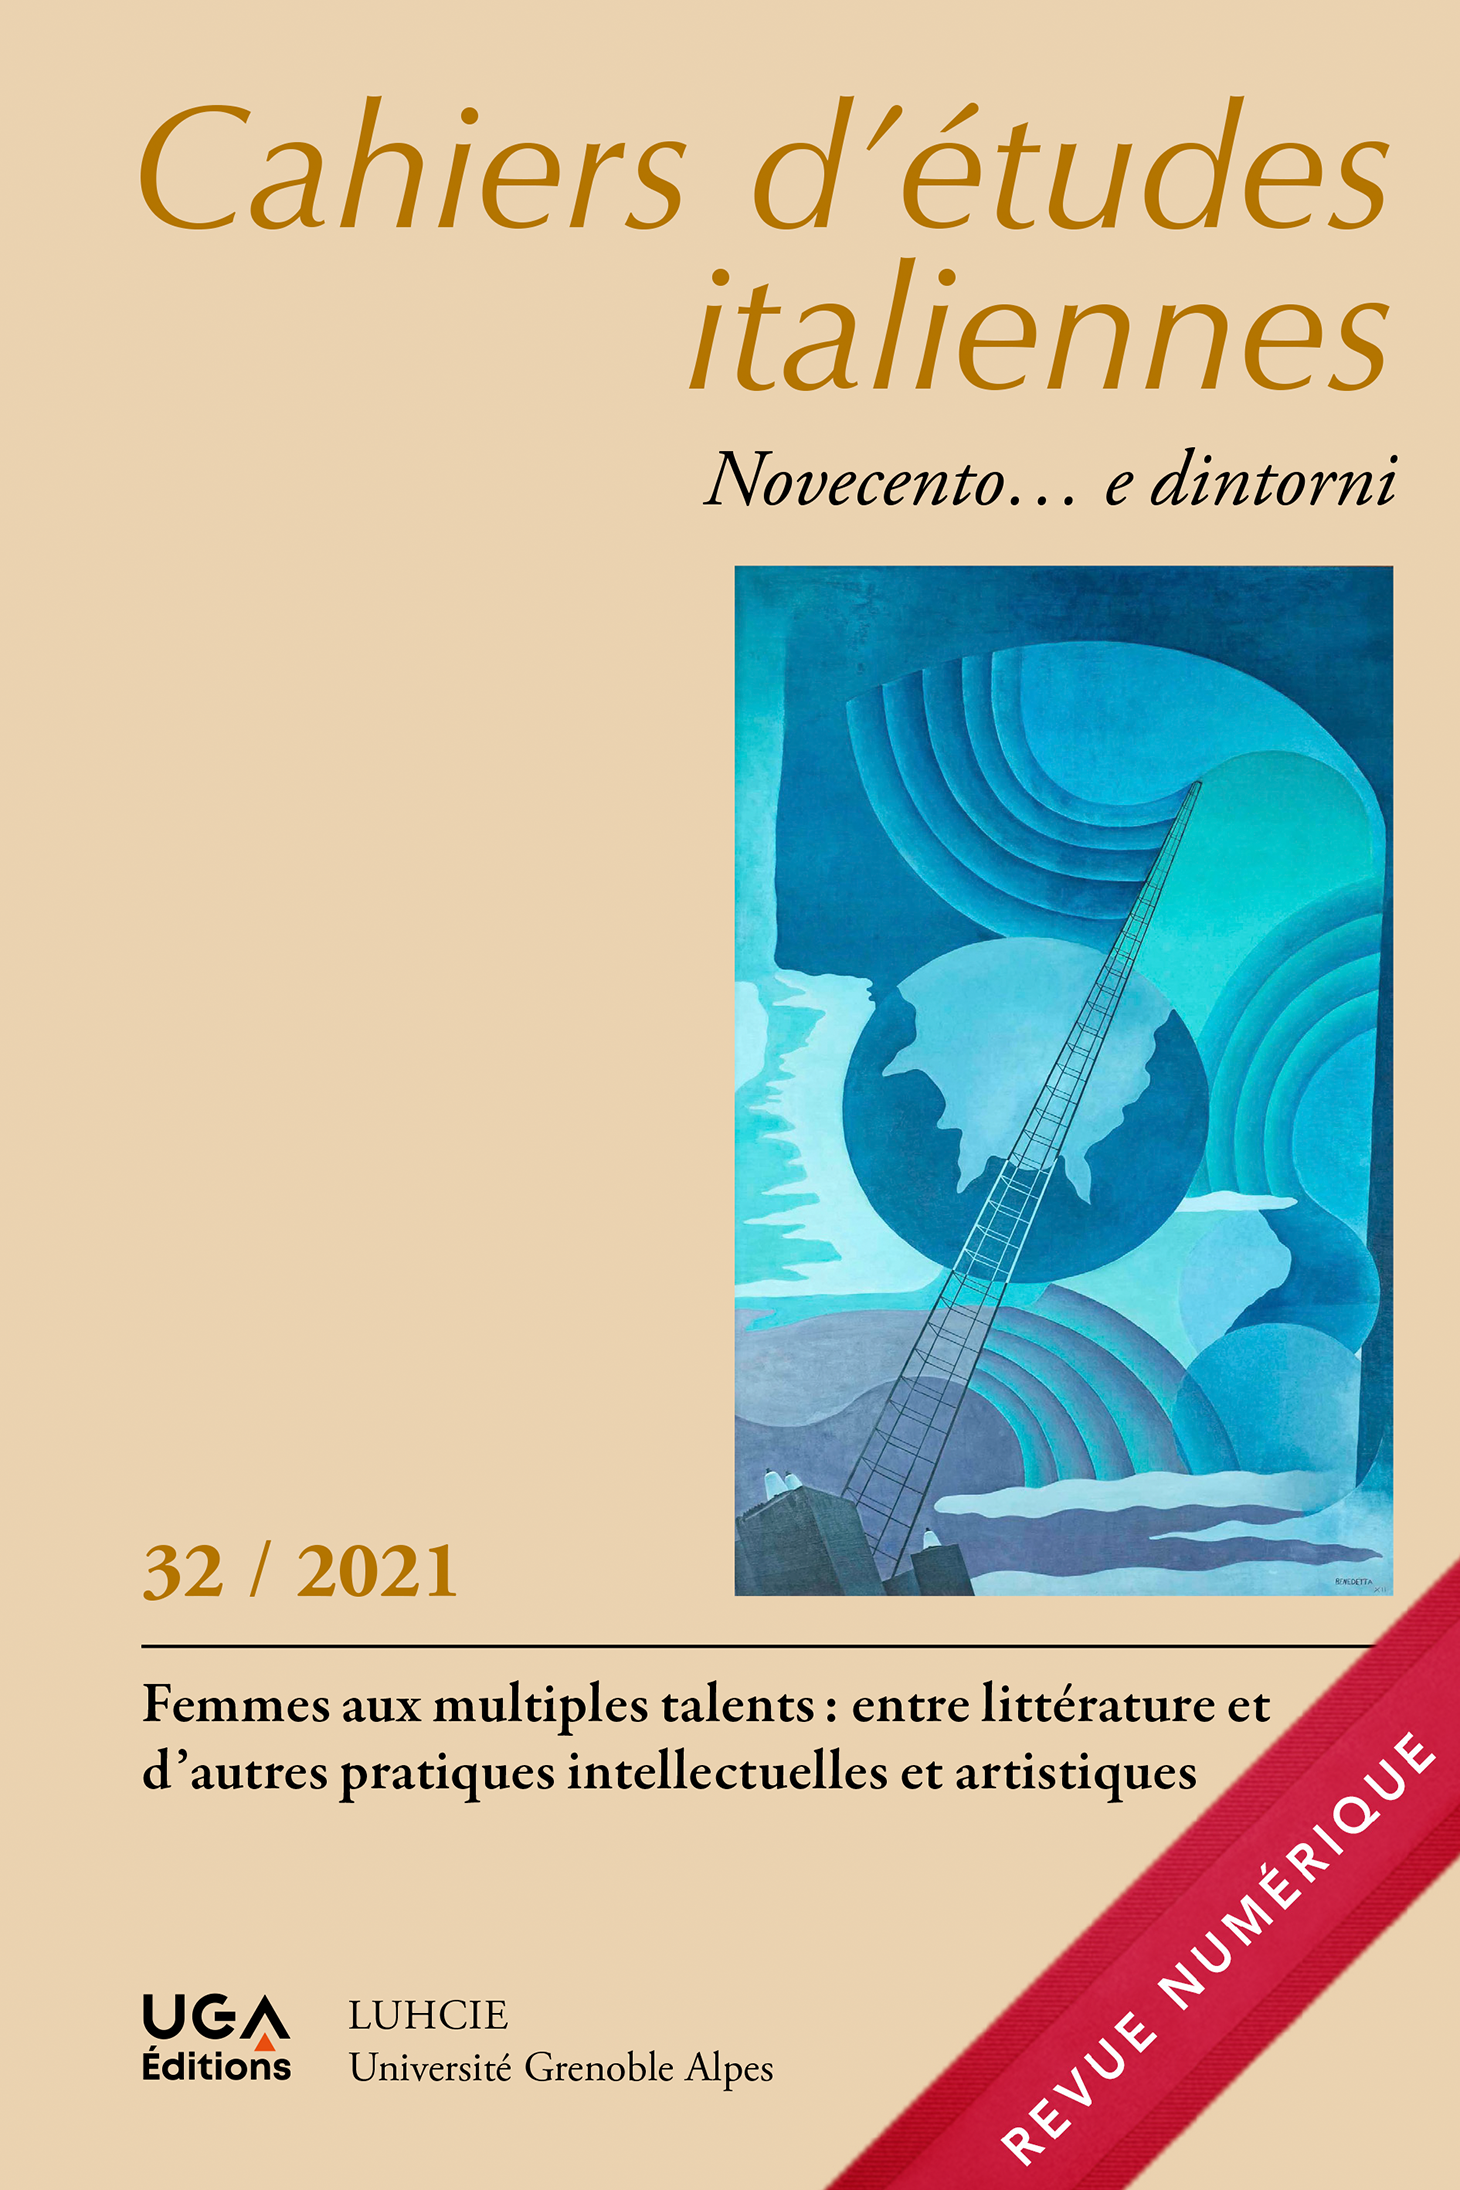 Cahiers d'études italiennes, n° 32 / 2021: